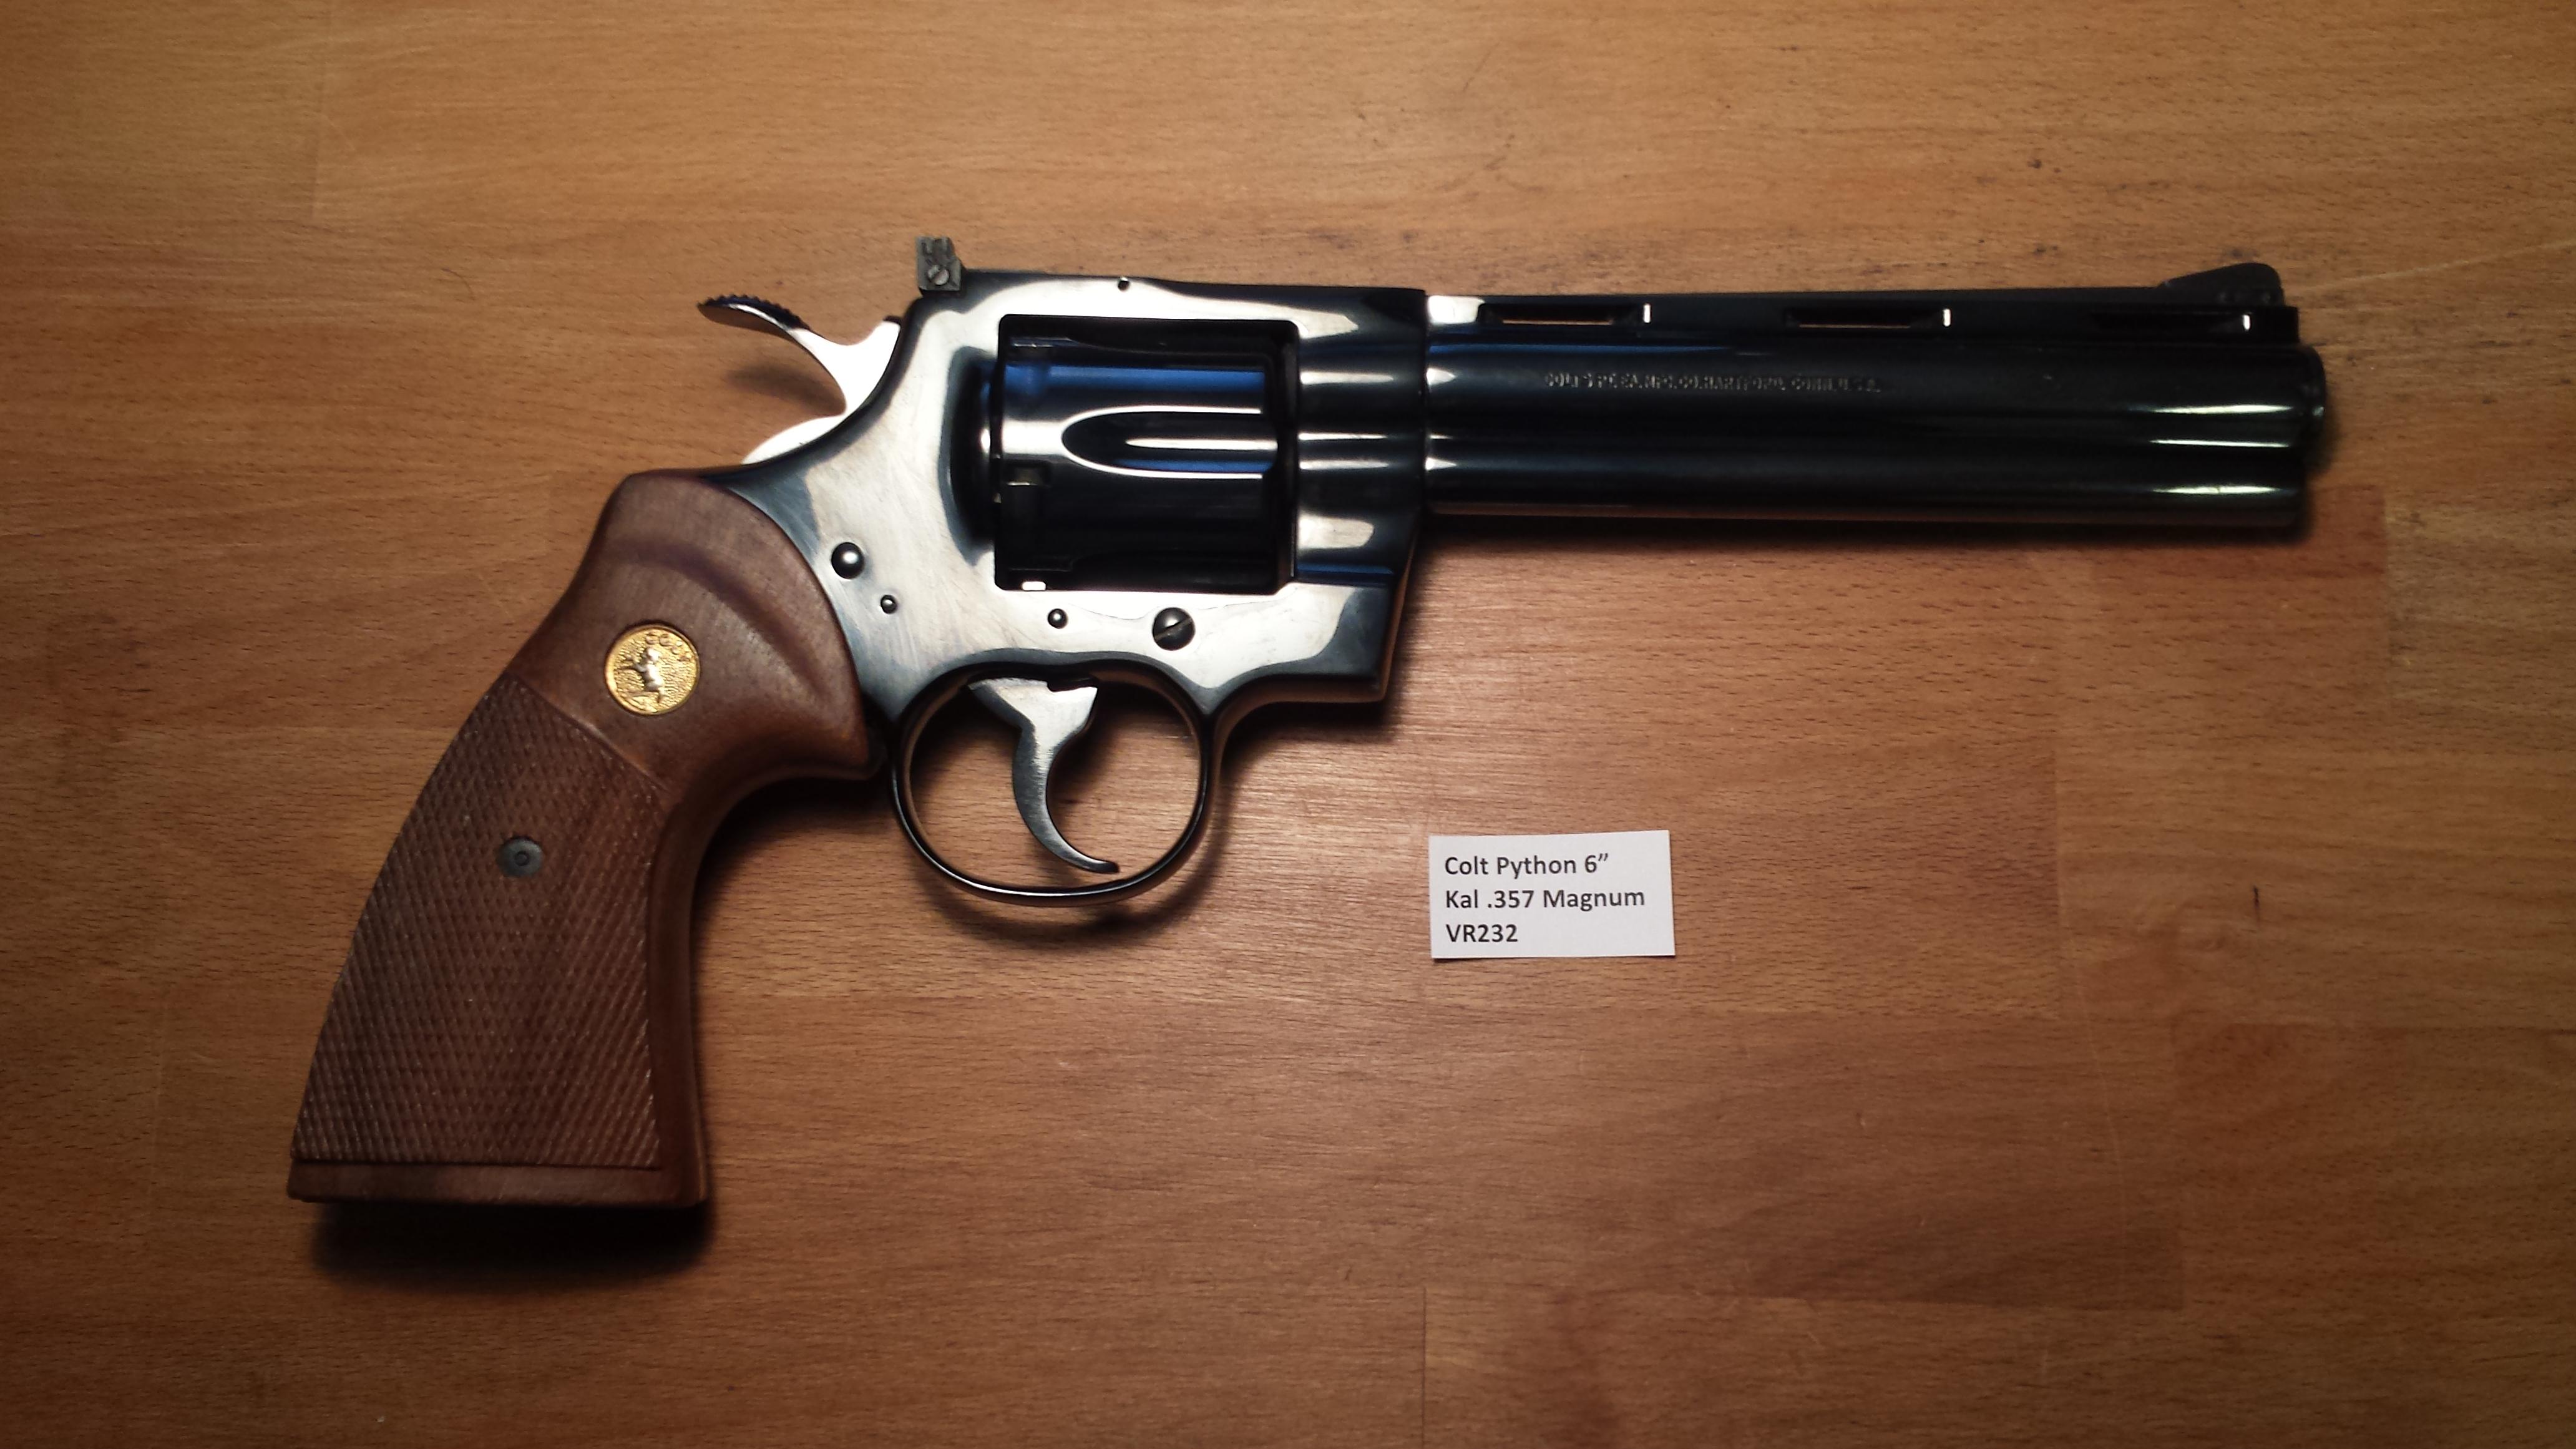 Magnum price